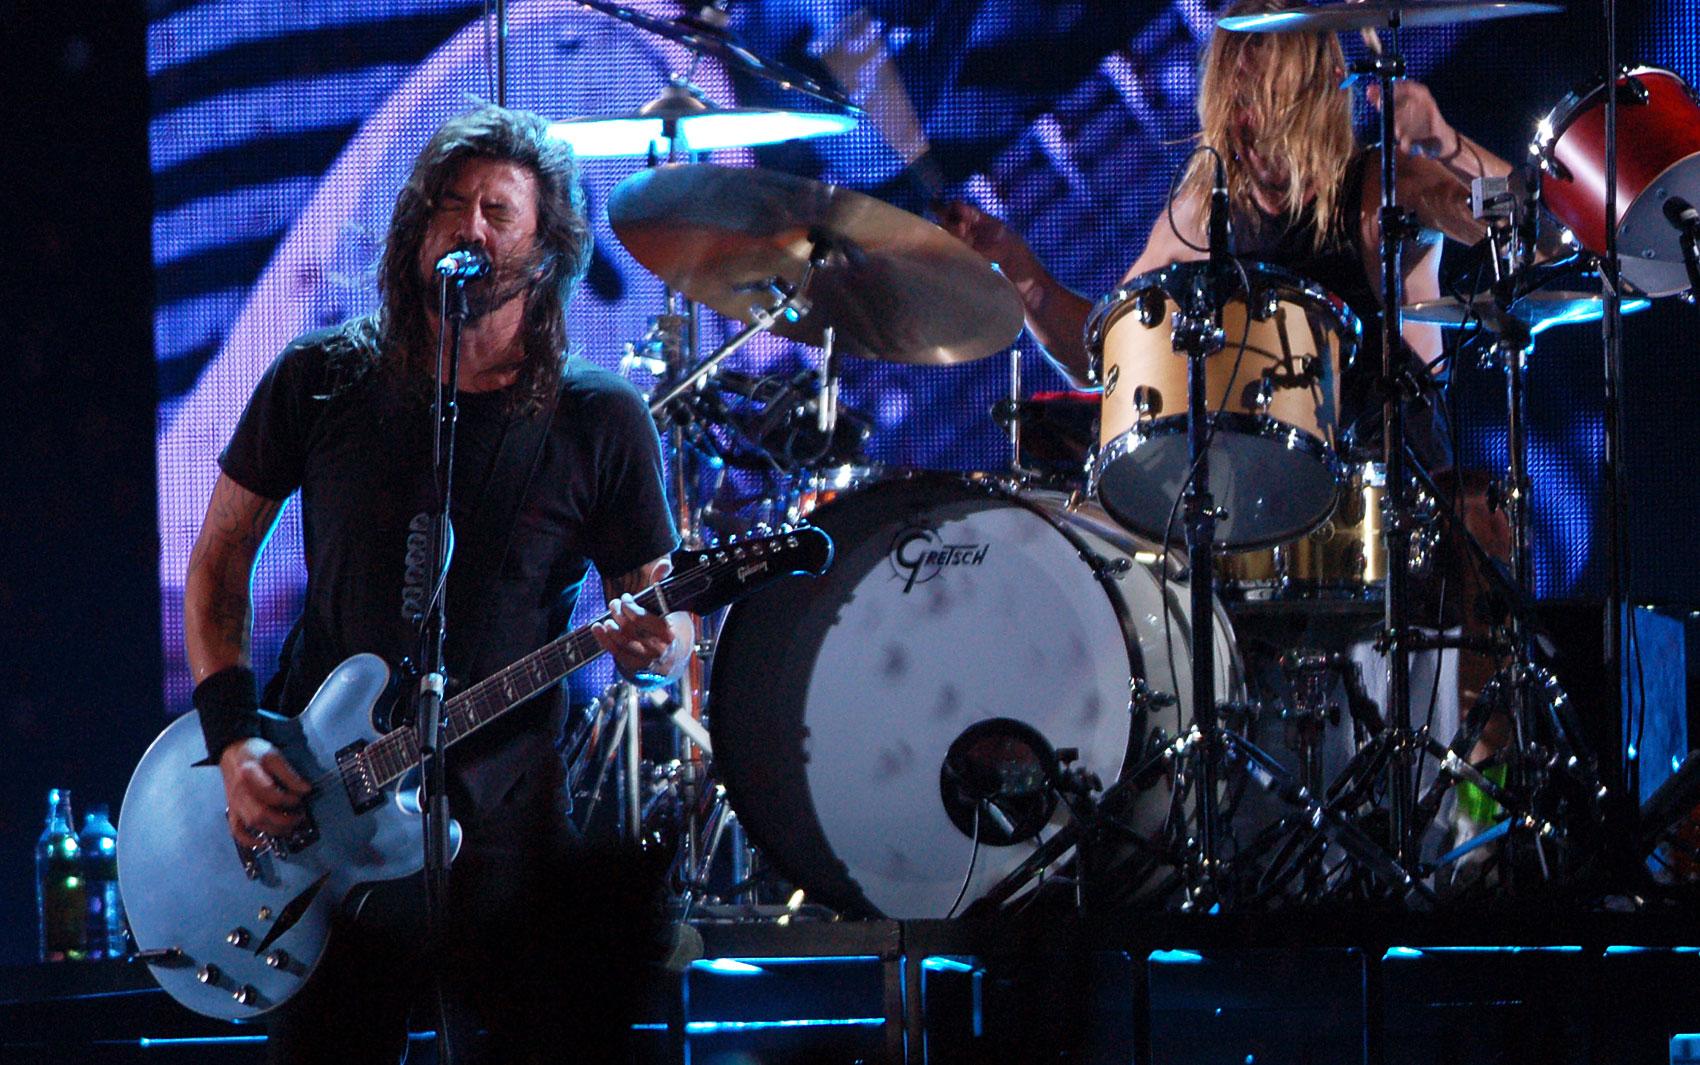 Com o baterista Taylor Hawkings ao fundo, Dave Grohl comanda o público do Foo Fighters durante show da banda no Estádio do Morumbi, em São Paulo